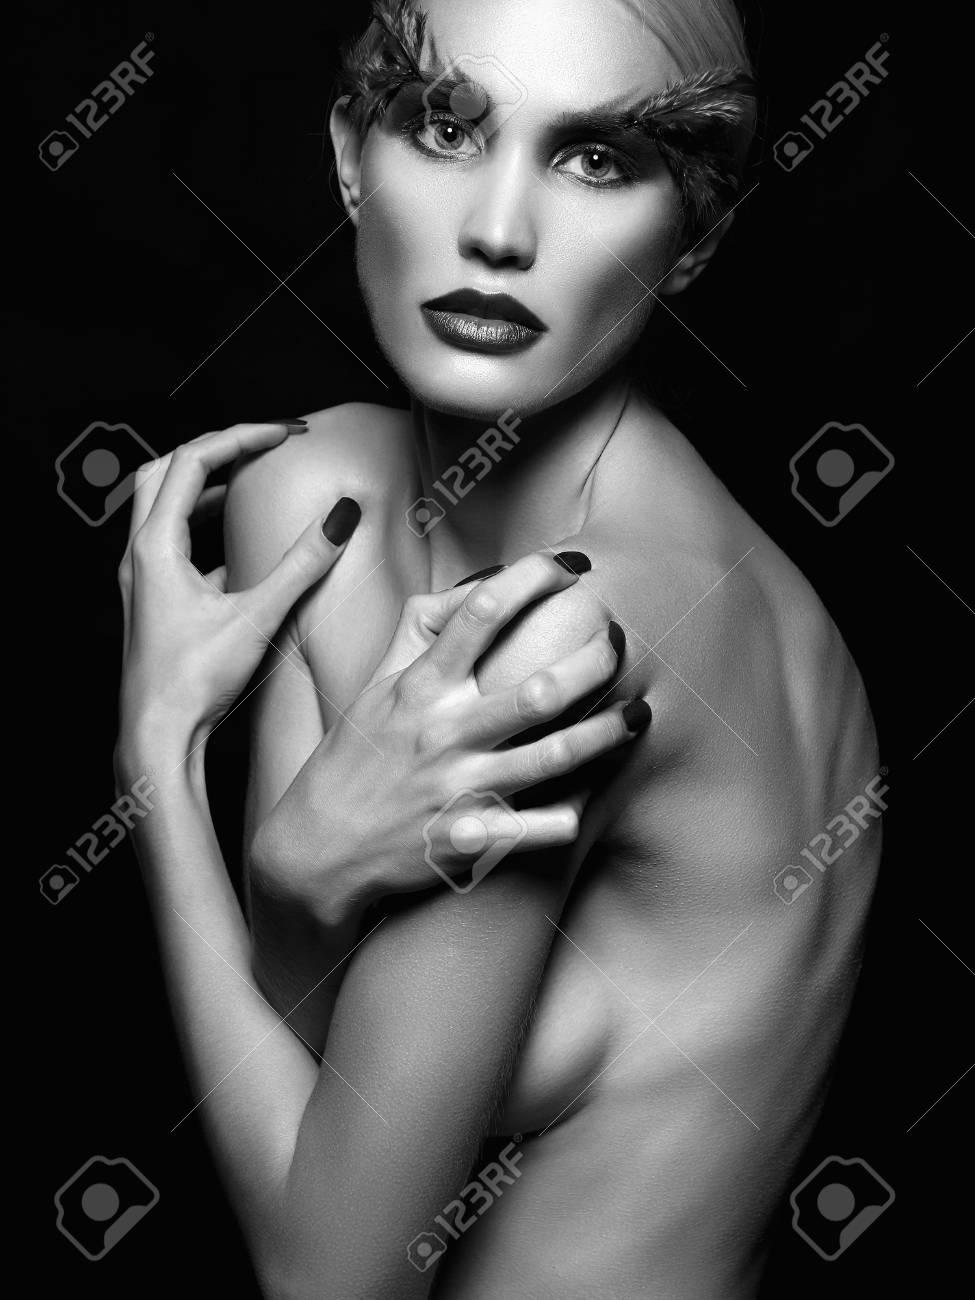 Krissy sweet nude model